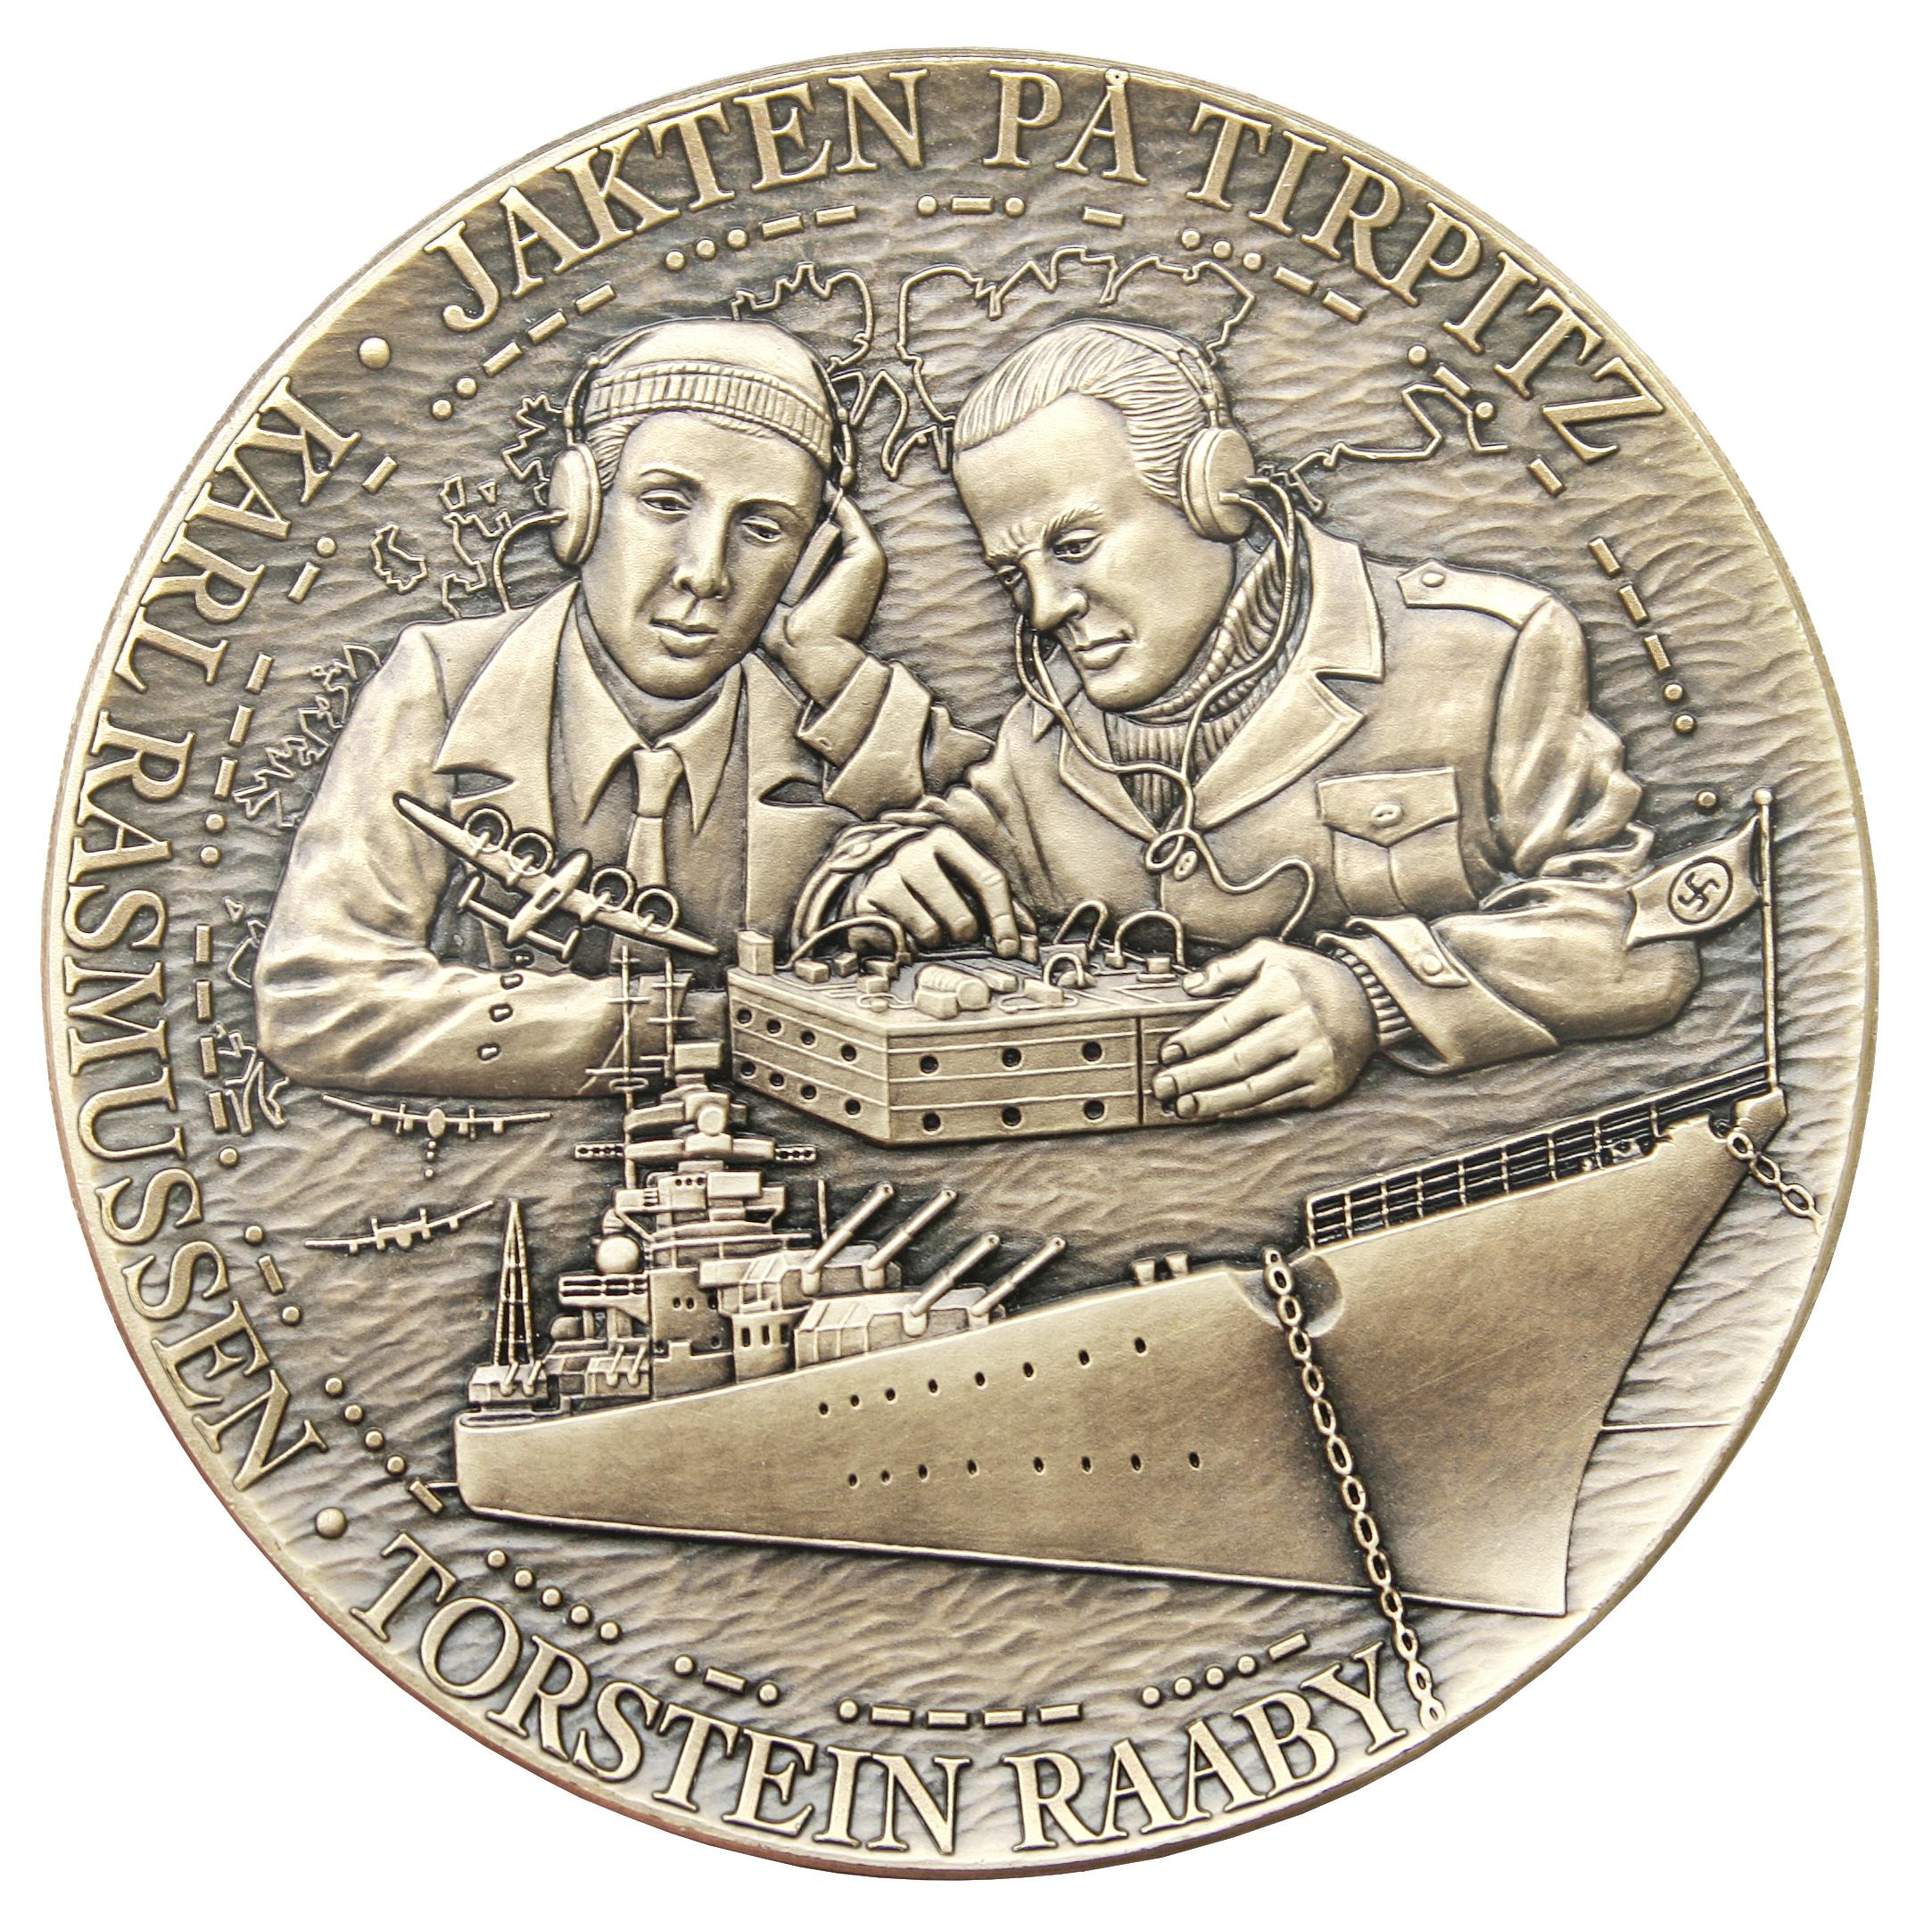 De norske notstandsmennene Rasmussen og Raaby spilte en viktig rolle i senkingen av slagskipet Tirpitz